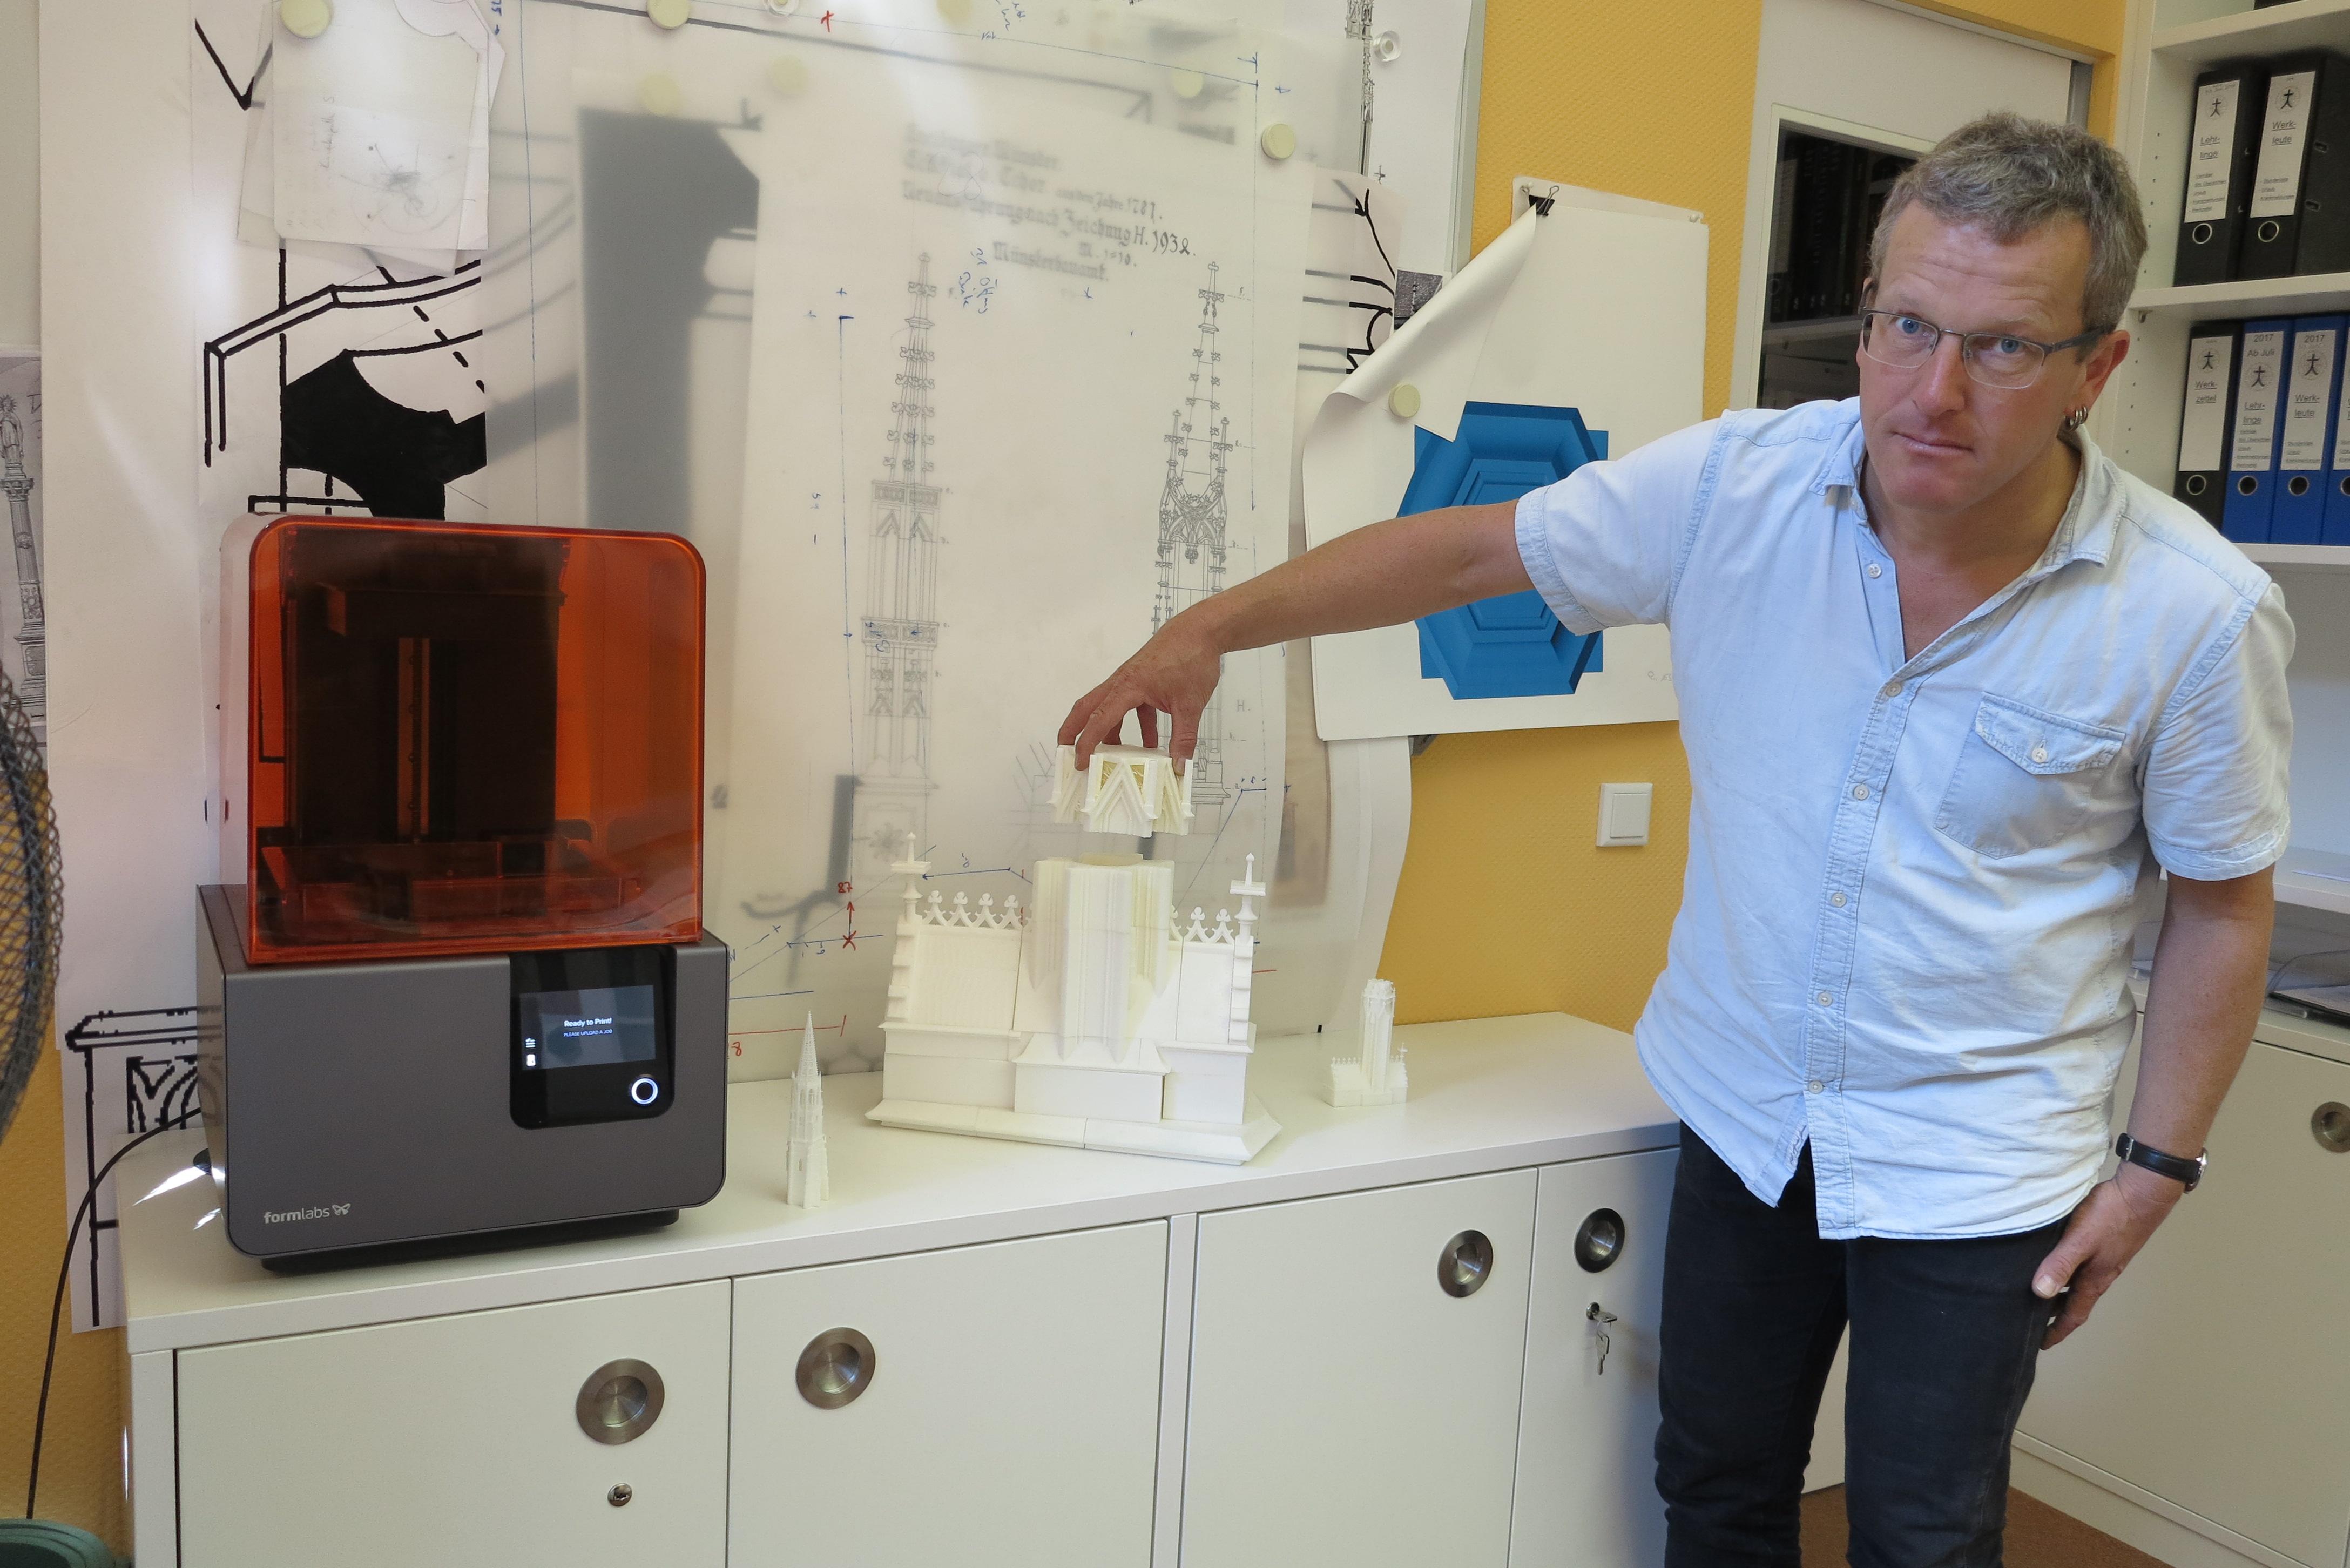 Uwe Zäh mit seinem Form 2 3D-Drucker und Teilen des Chor-Restaurationsprojekt mit Bauzeichnungen im Hintergrund.